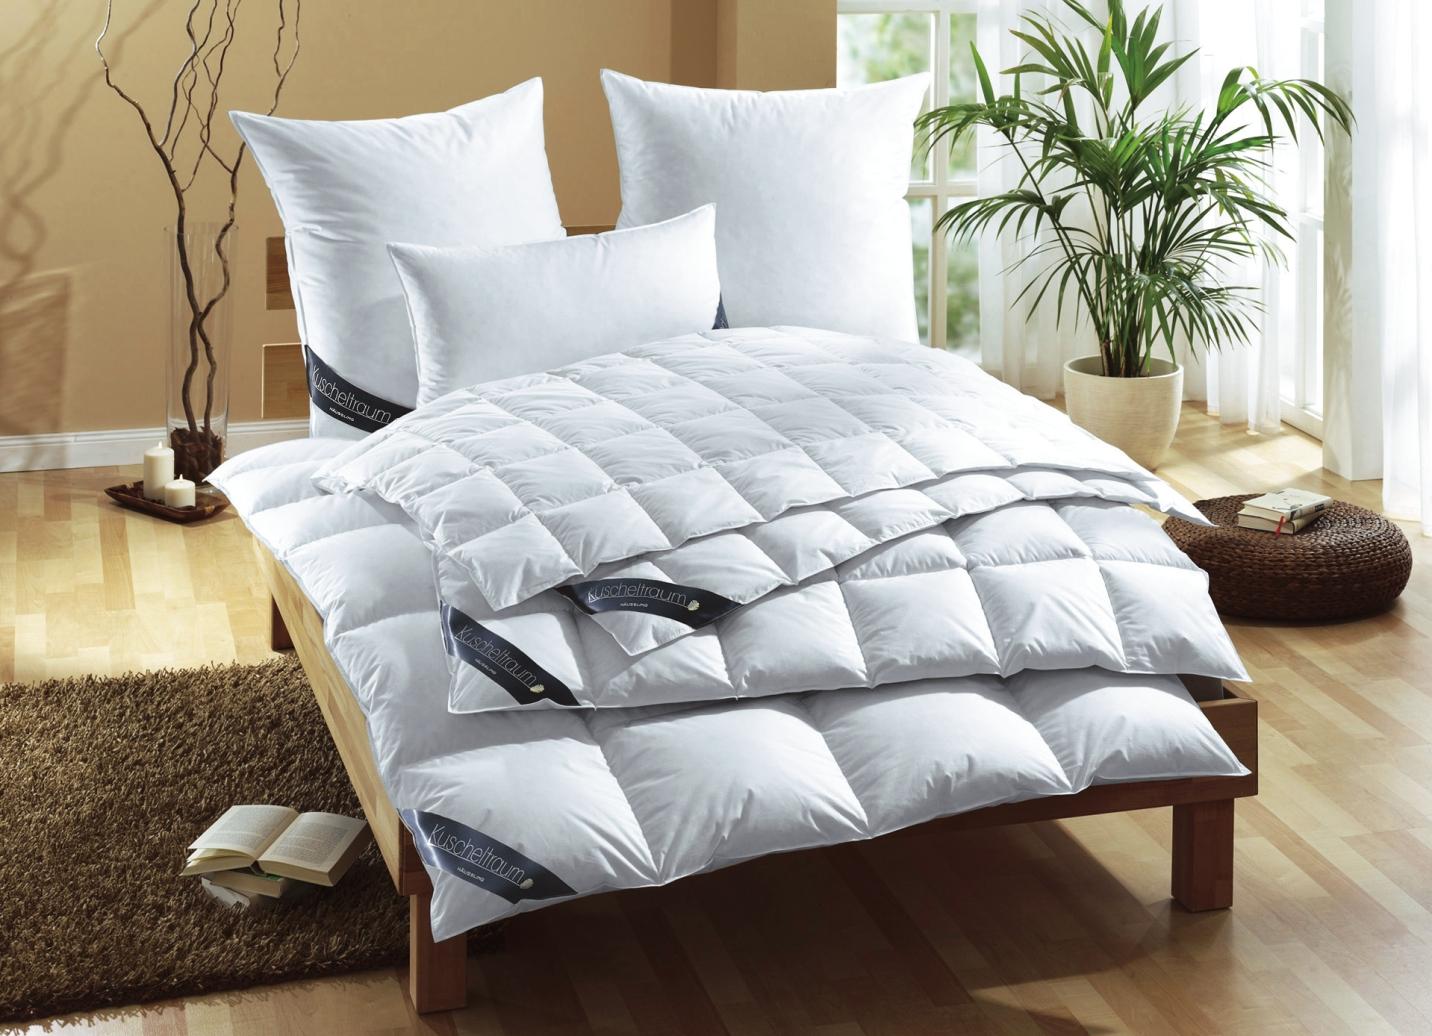 daunendecke in 3 w rmestufen bettwaren brigitte hachenburg. Black Bedroom Furniture Sets. Home Design Ideas